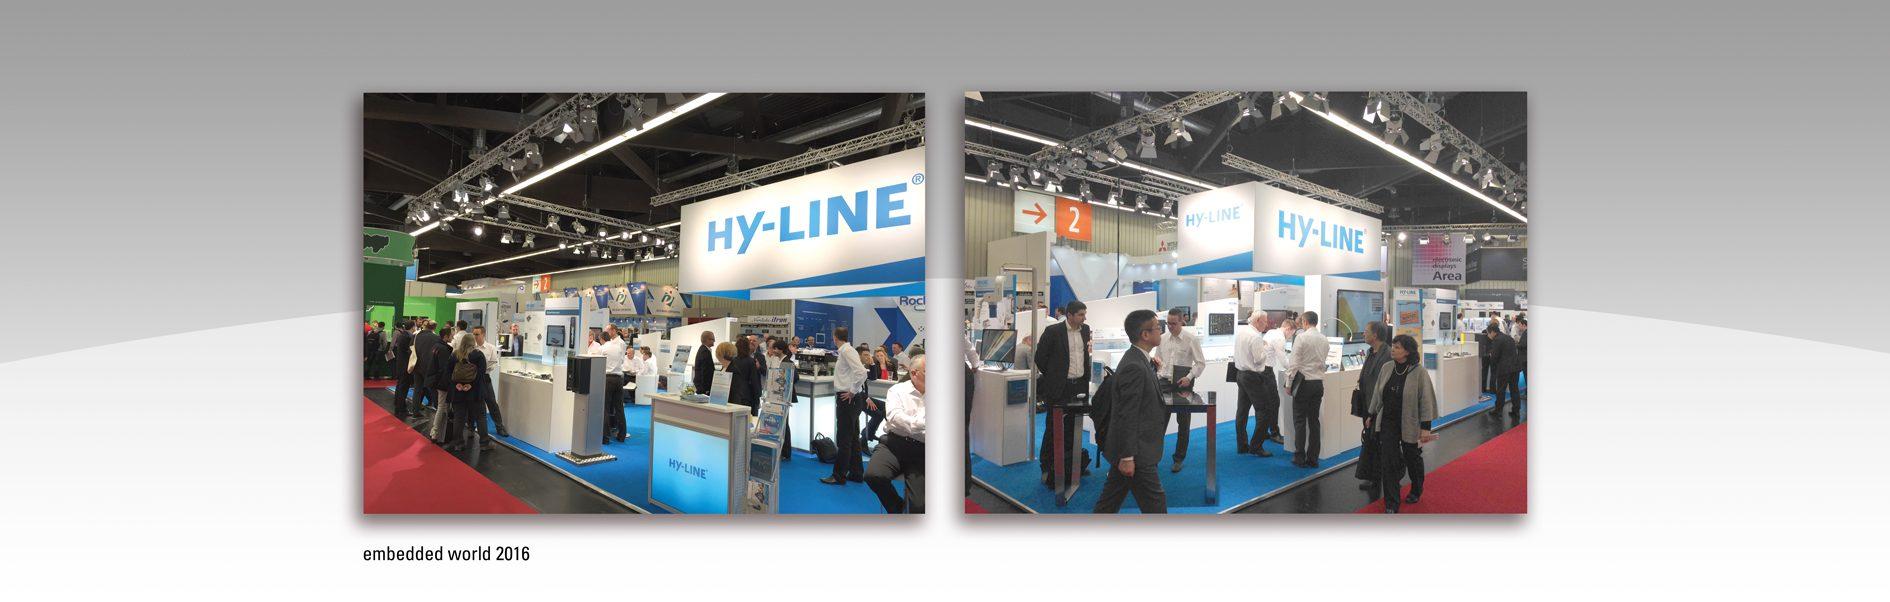 Hier ist der HY-LINE Messestand auf der embedded world 2016 zu sehen.